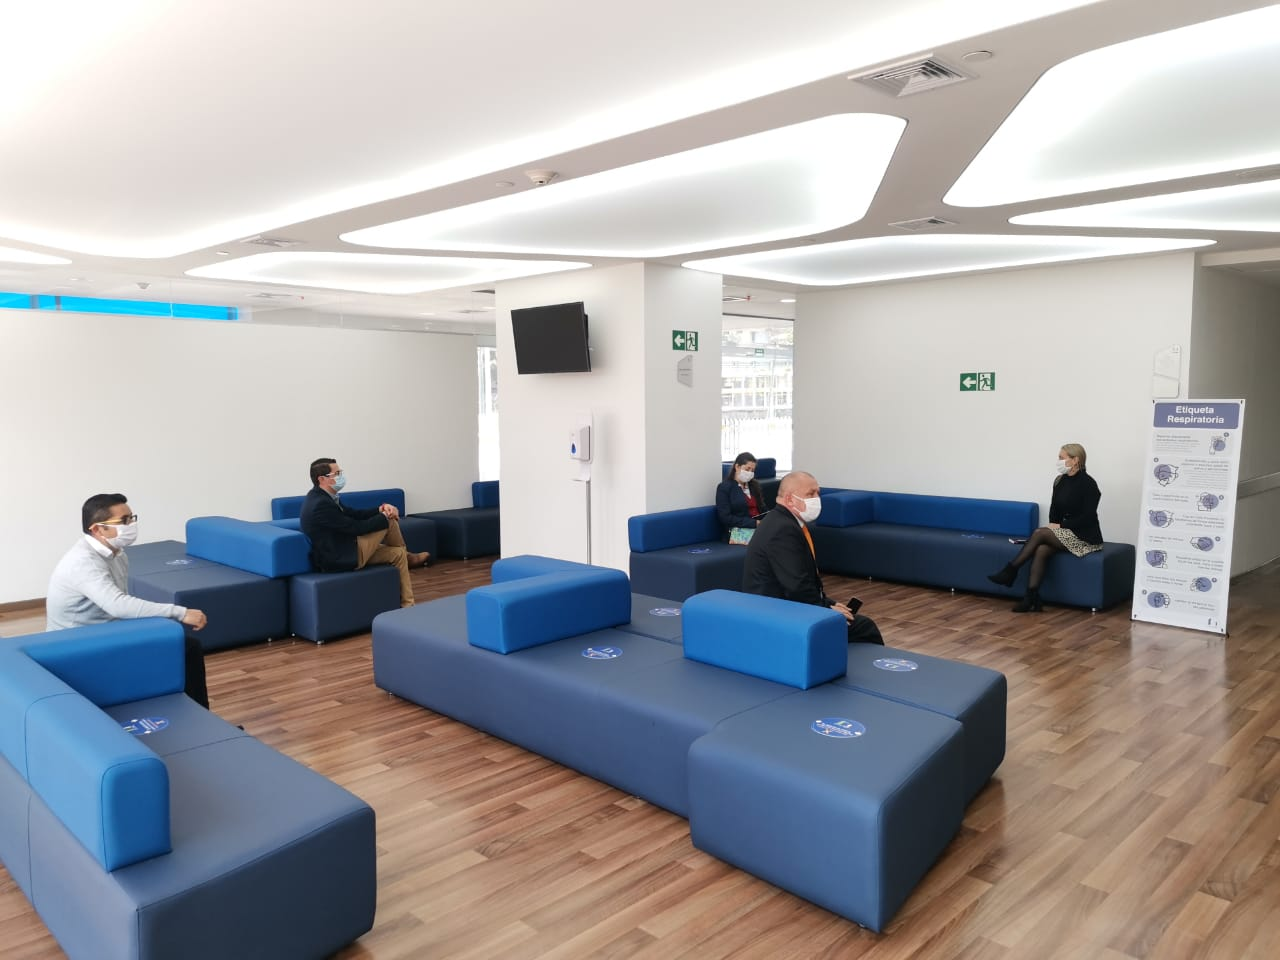 Urgencias_de_la_clínica_azul_Bogotá